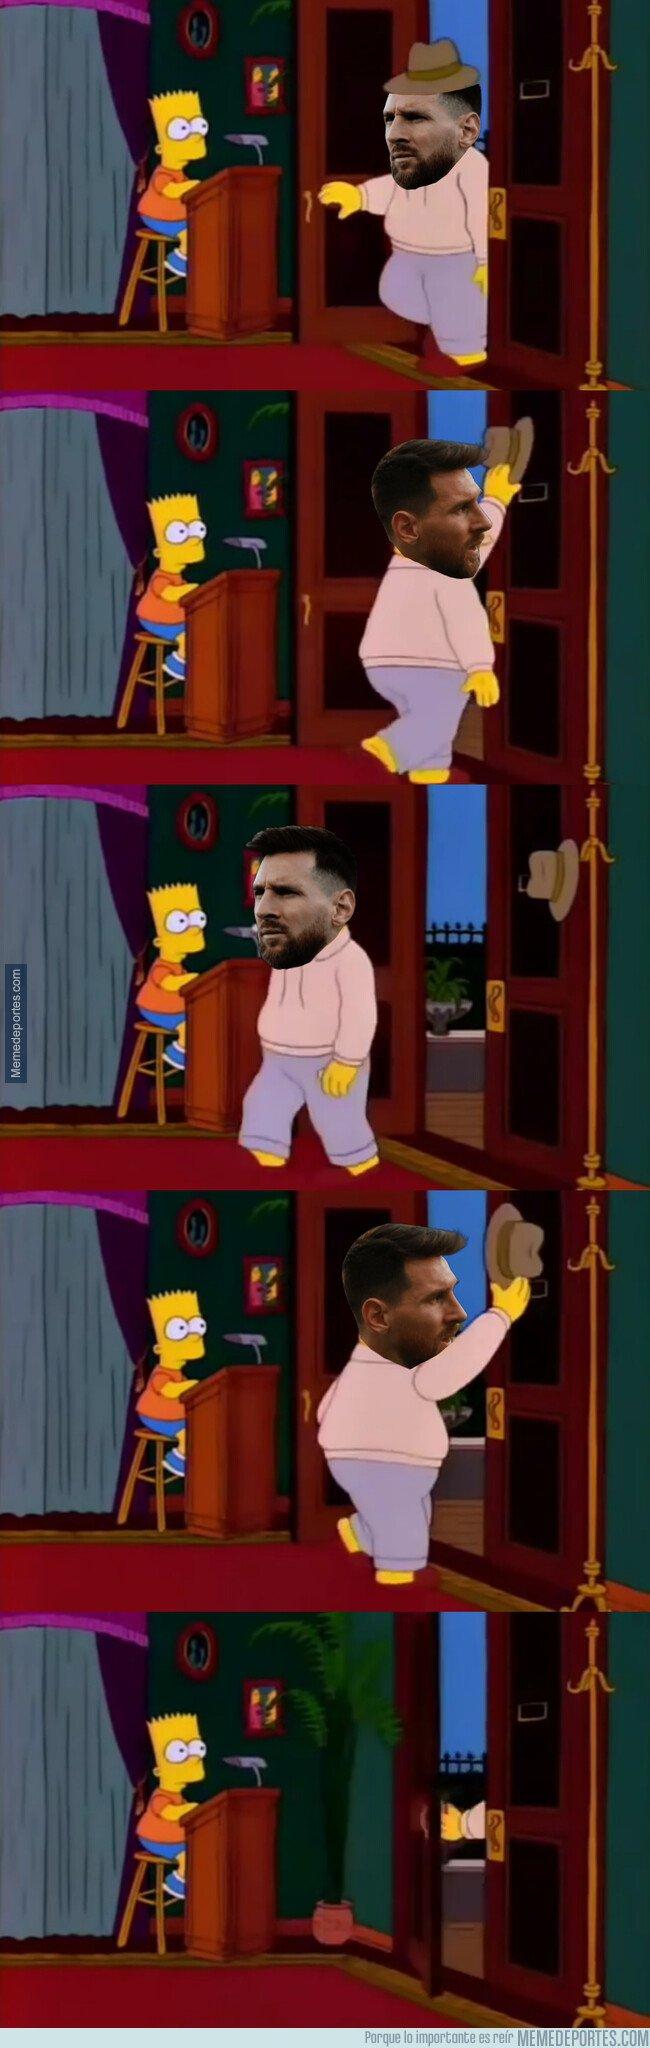 1086725 - Messi volviendo de su lesión a principio de temporada